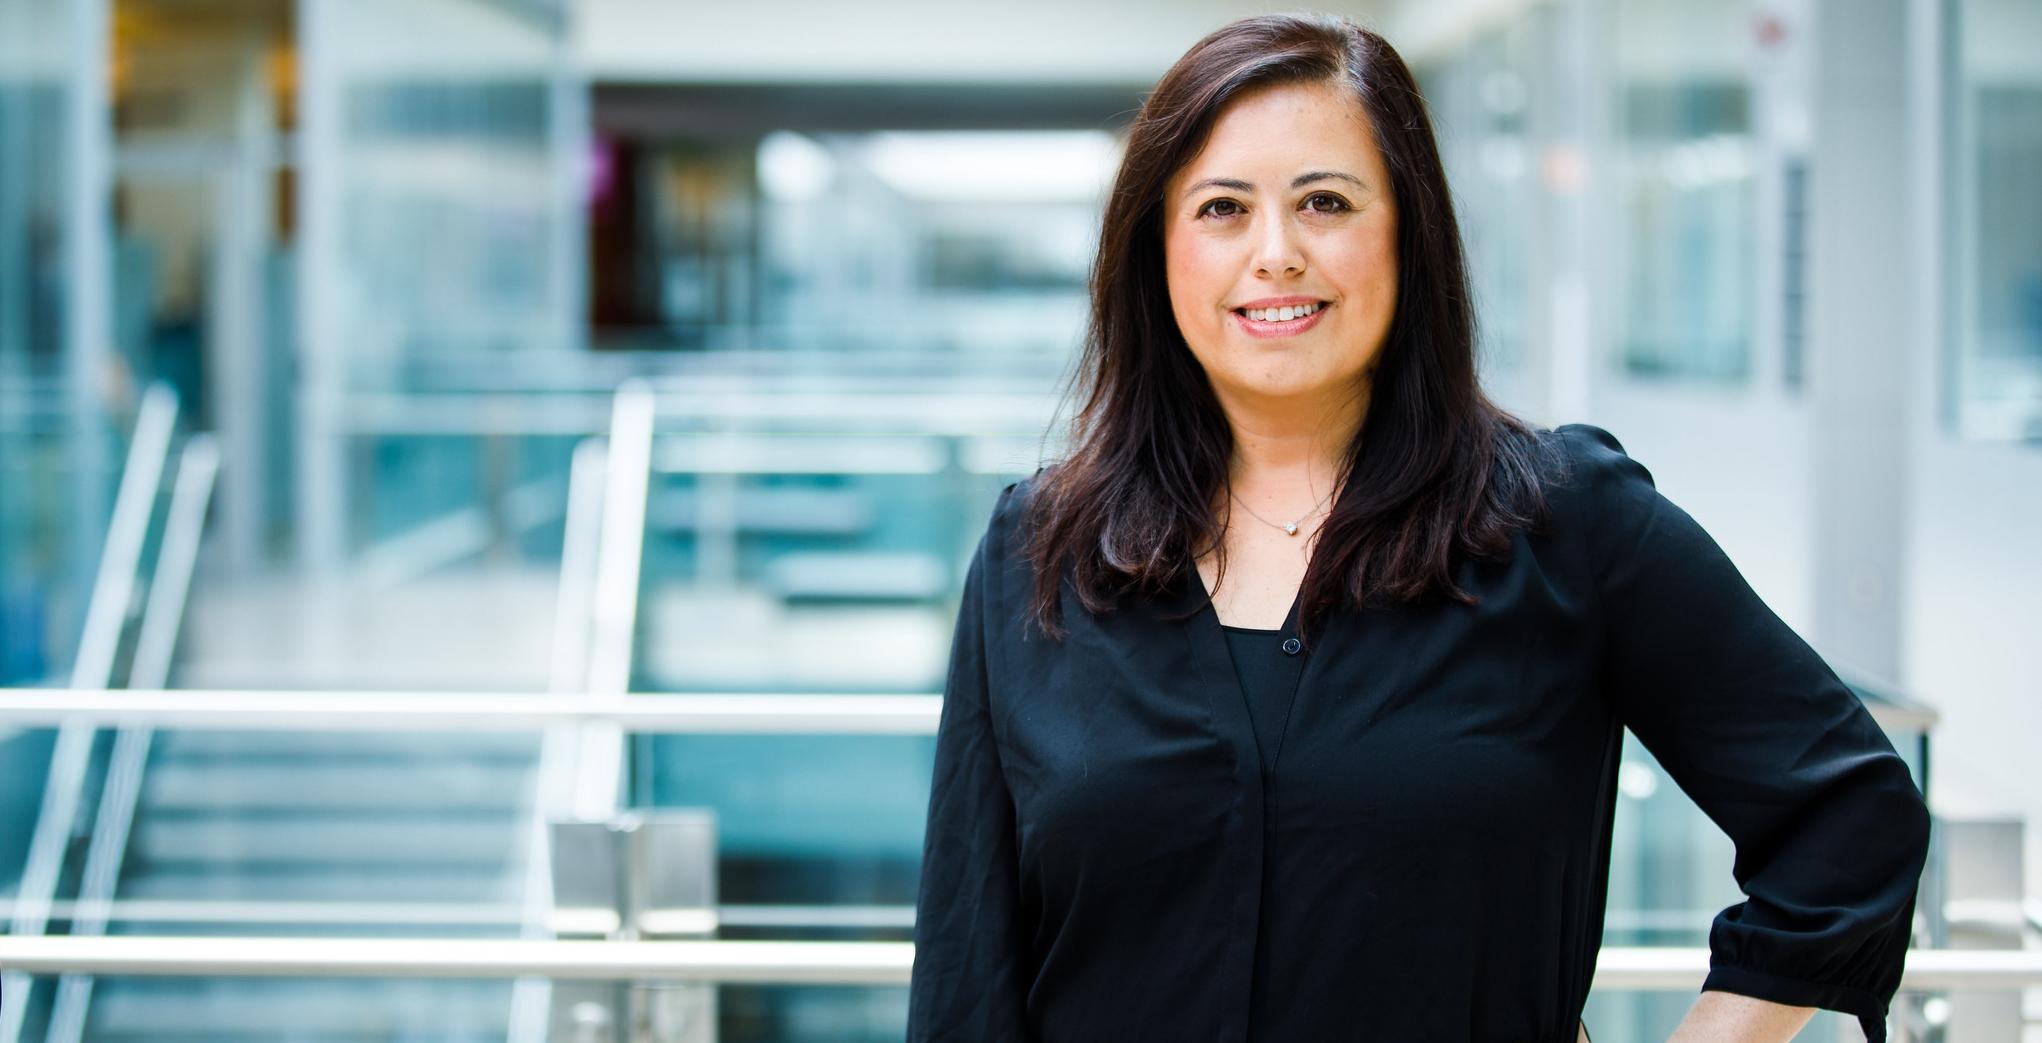 Jennifer Barrila, ASU Biodesign Institute